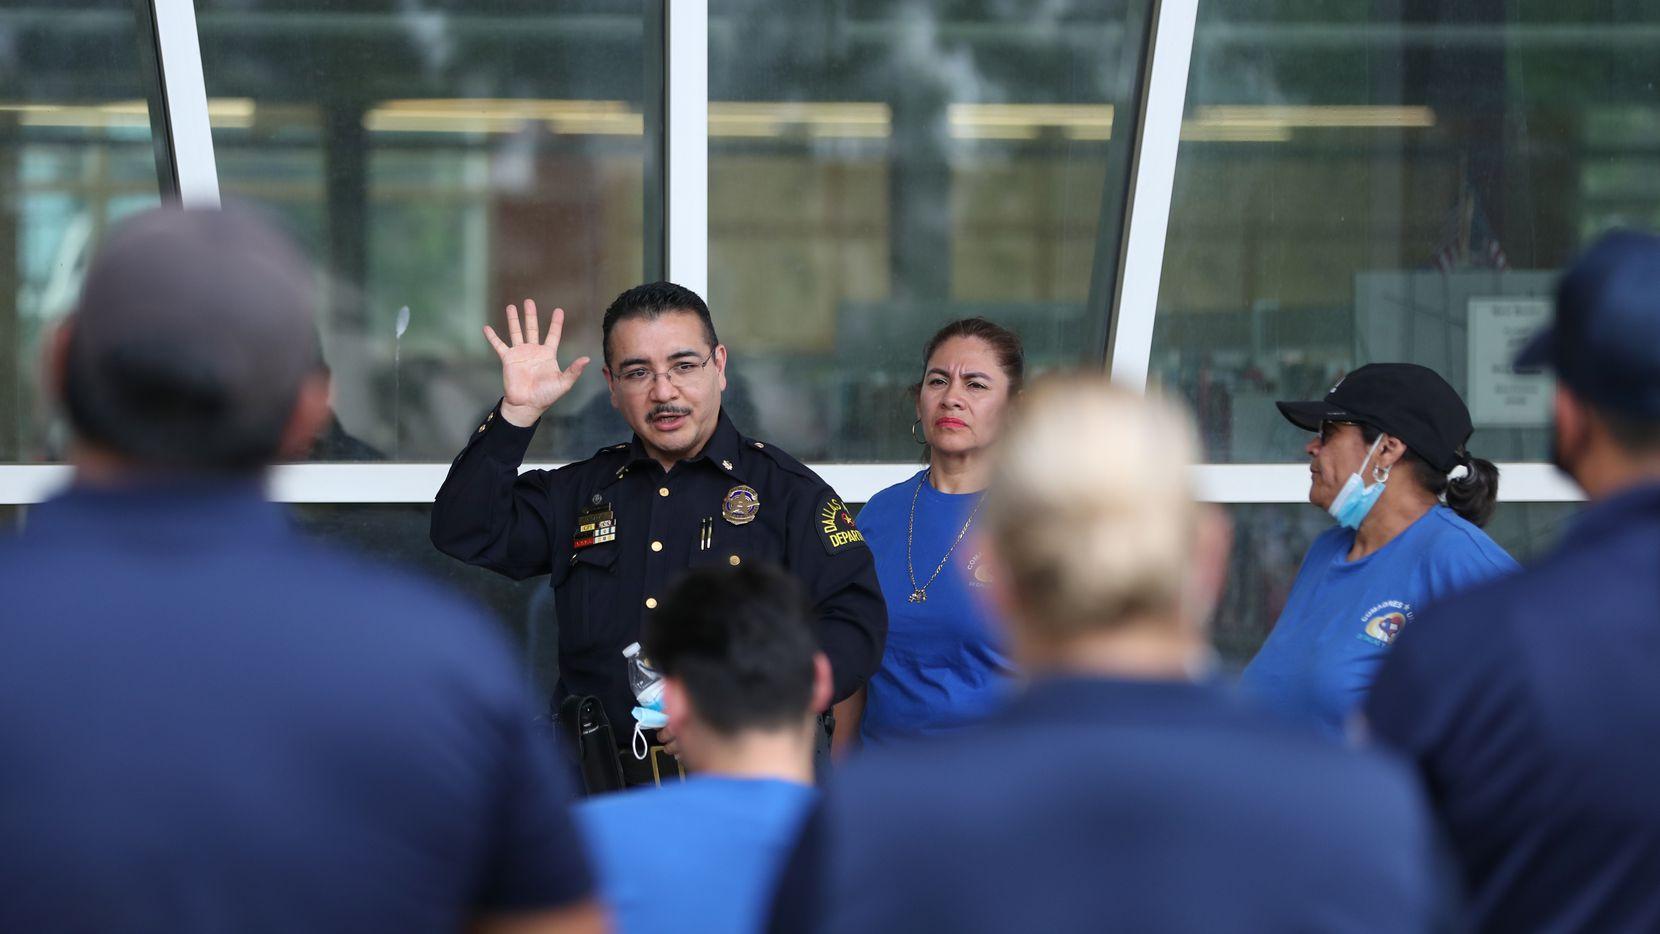 El mayor Juan Salas fue uno de los agentes que habló con vecinos de Bachman Lake sobre las preocupaciones de seguridad que enfrentan en la zona.